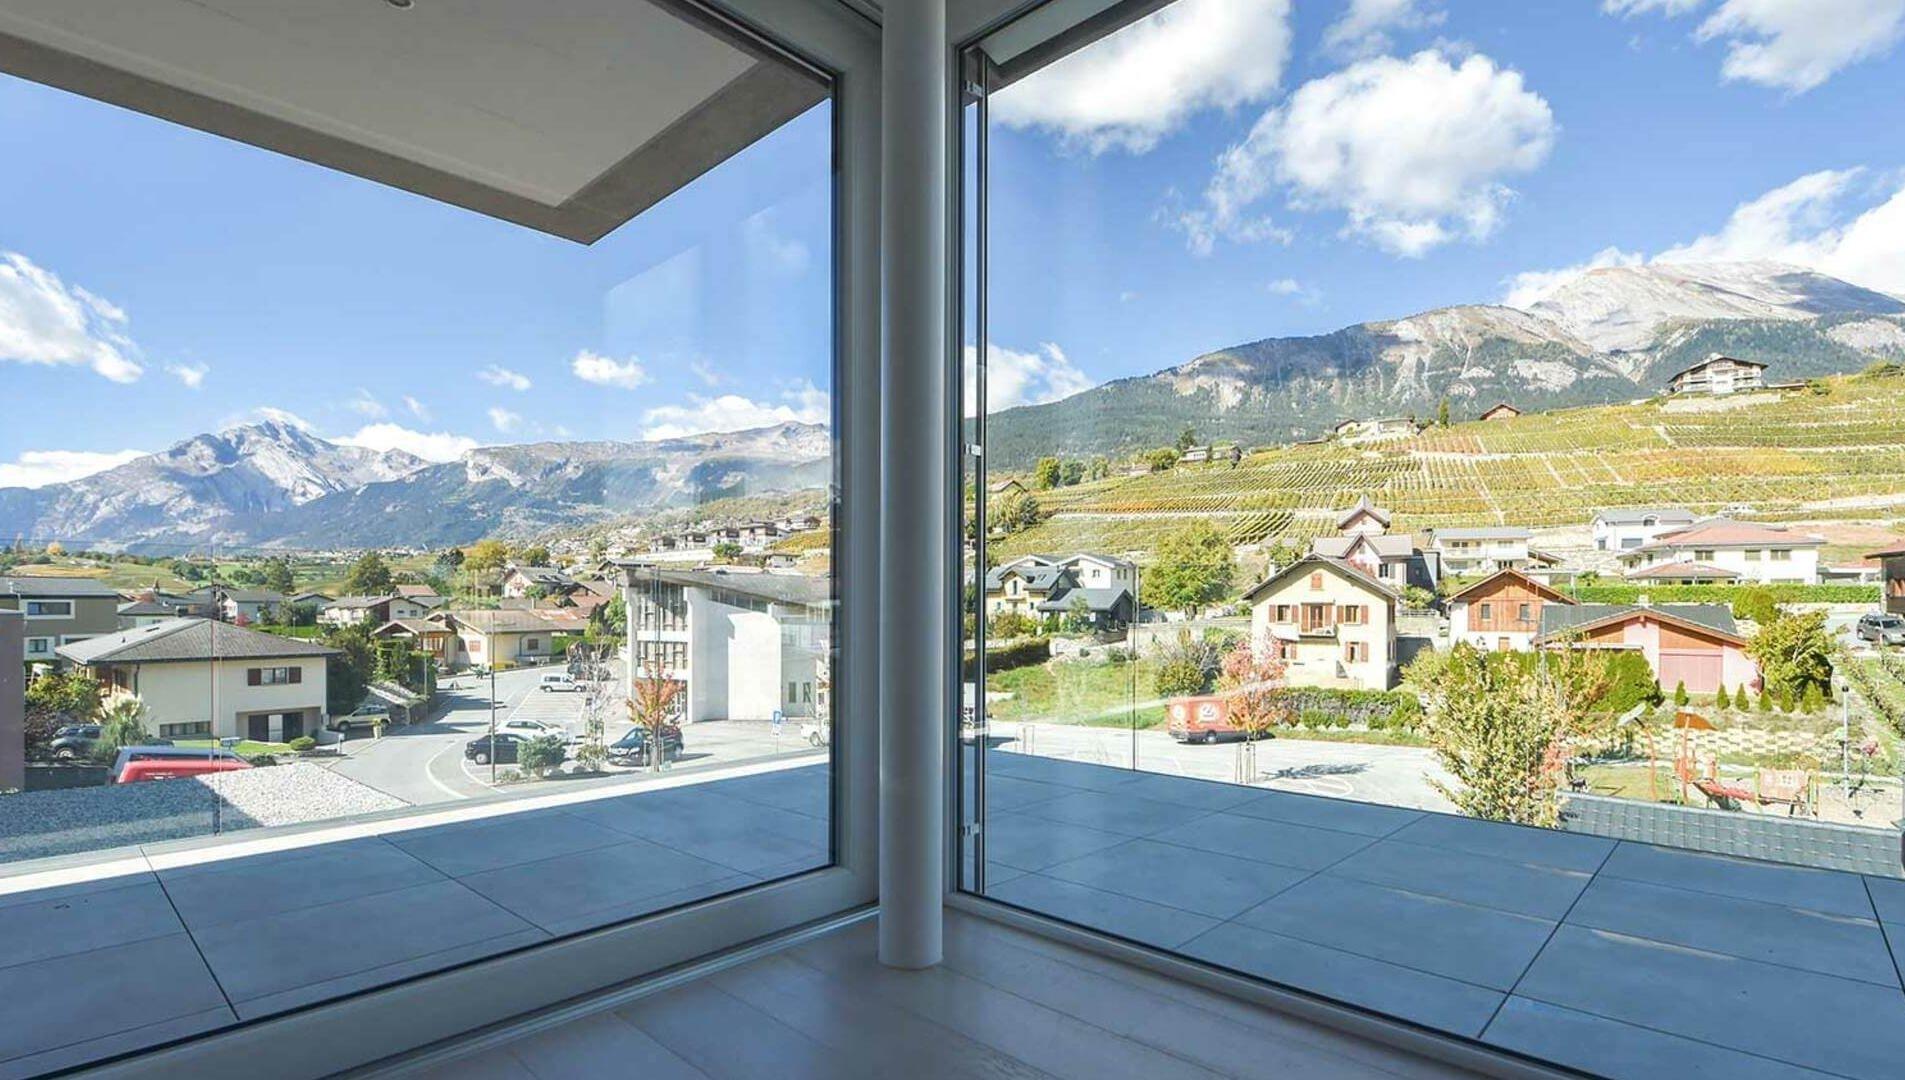 Vetro extrachiaro in abitazione in Svizzera by Mulattieri Srl